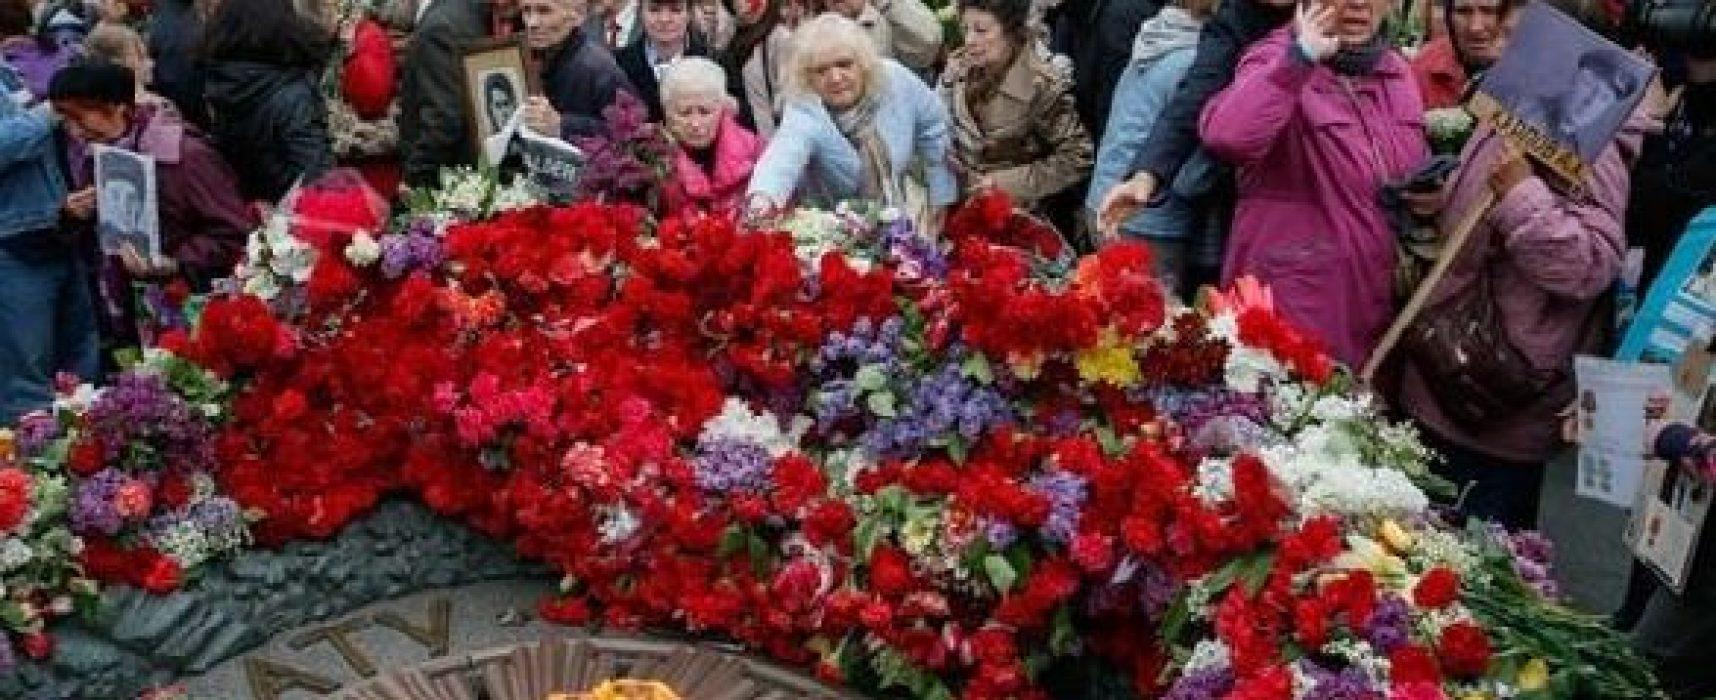 «Бессмертные полки» наступают: украинские медиа промотируют российскую акцию к 9 мая